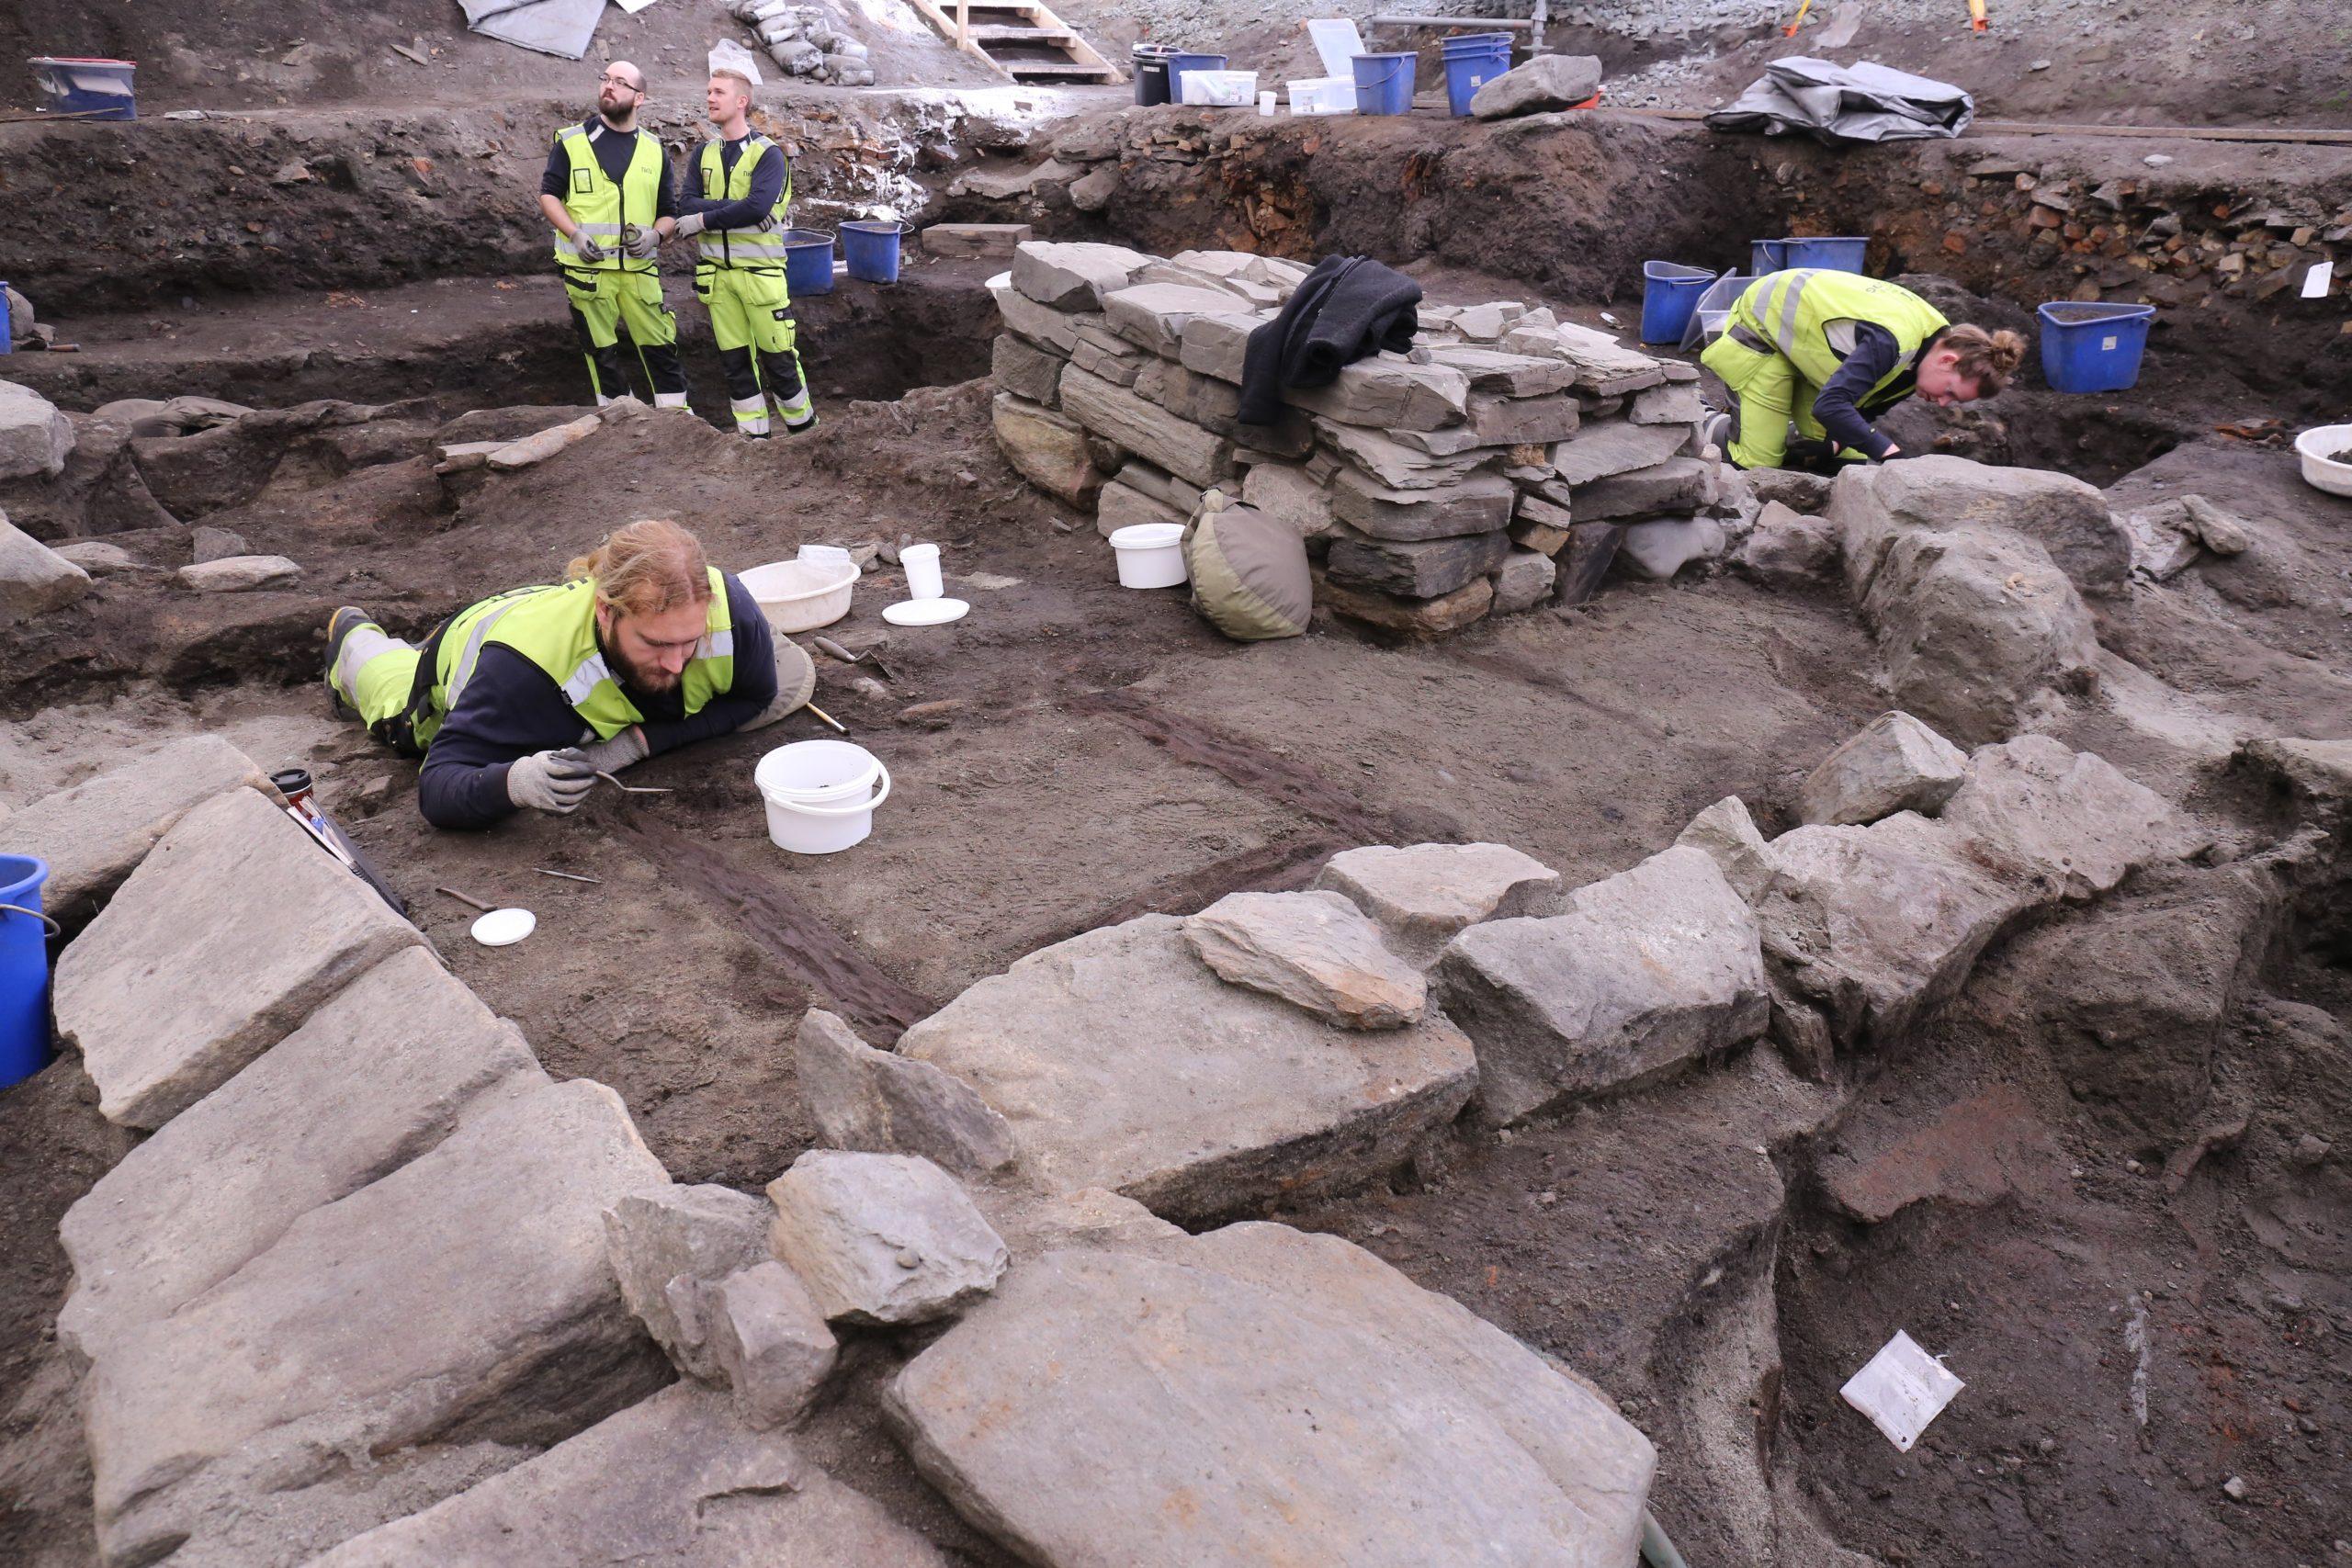 Bildet viser Arkeologer fra NIKU graver ut kirke 3. Fremst: Reidar Øiangen, til høyre: Nina E. Valstrand. Bakerst til venstre: Tore Schjøldberg, bakerst til høyre: Kristoffer E. Grini. Foto. Anna K. Wändahl, NIKU